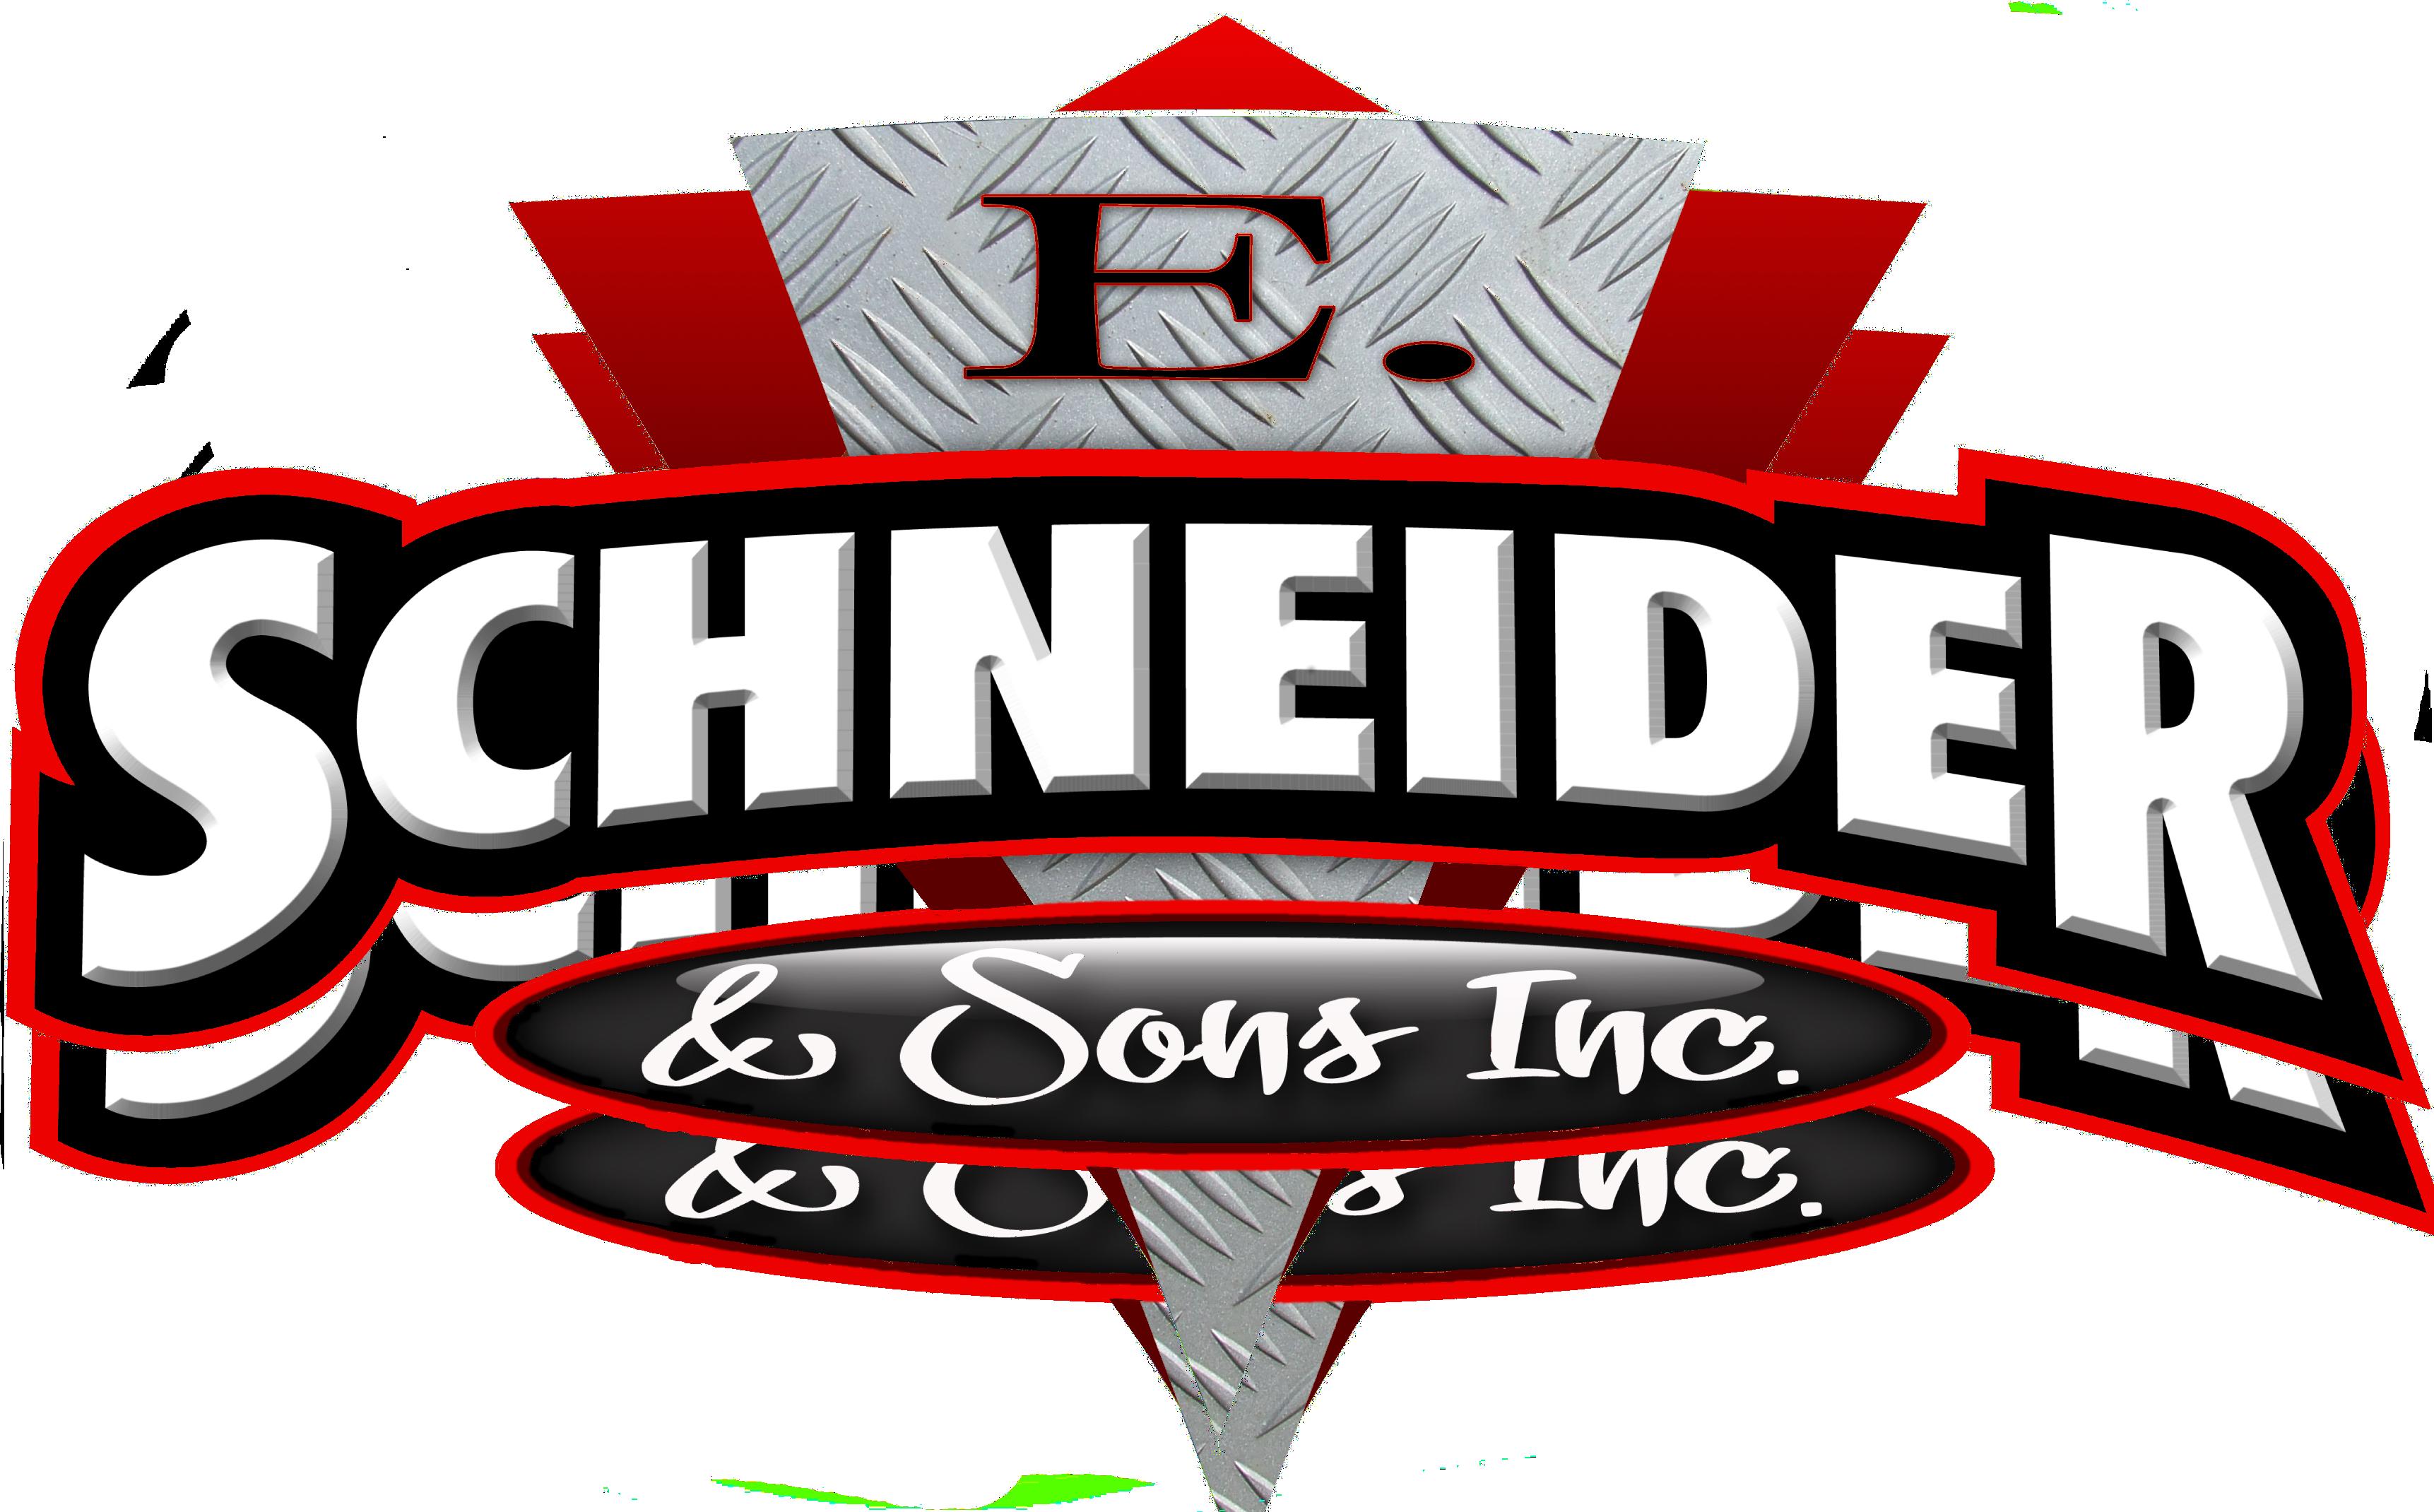 Schneiderandsons